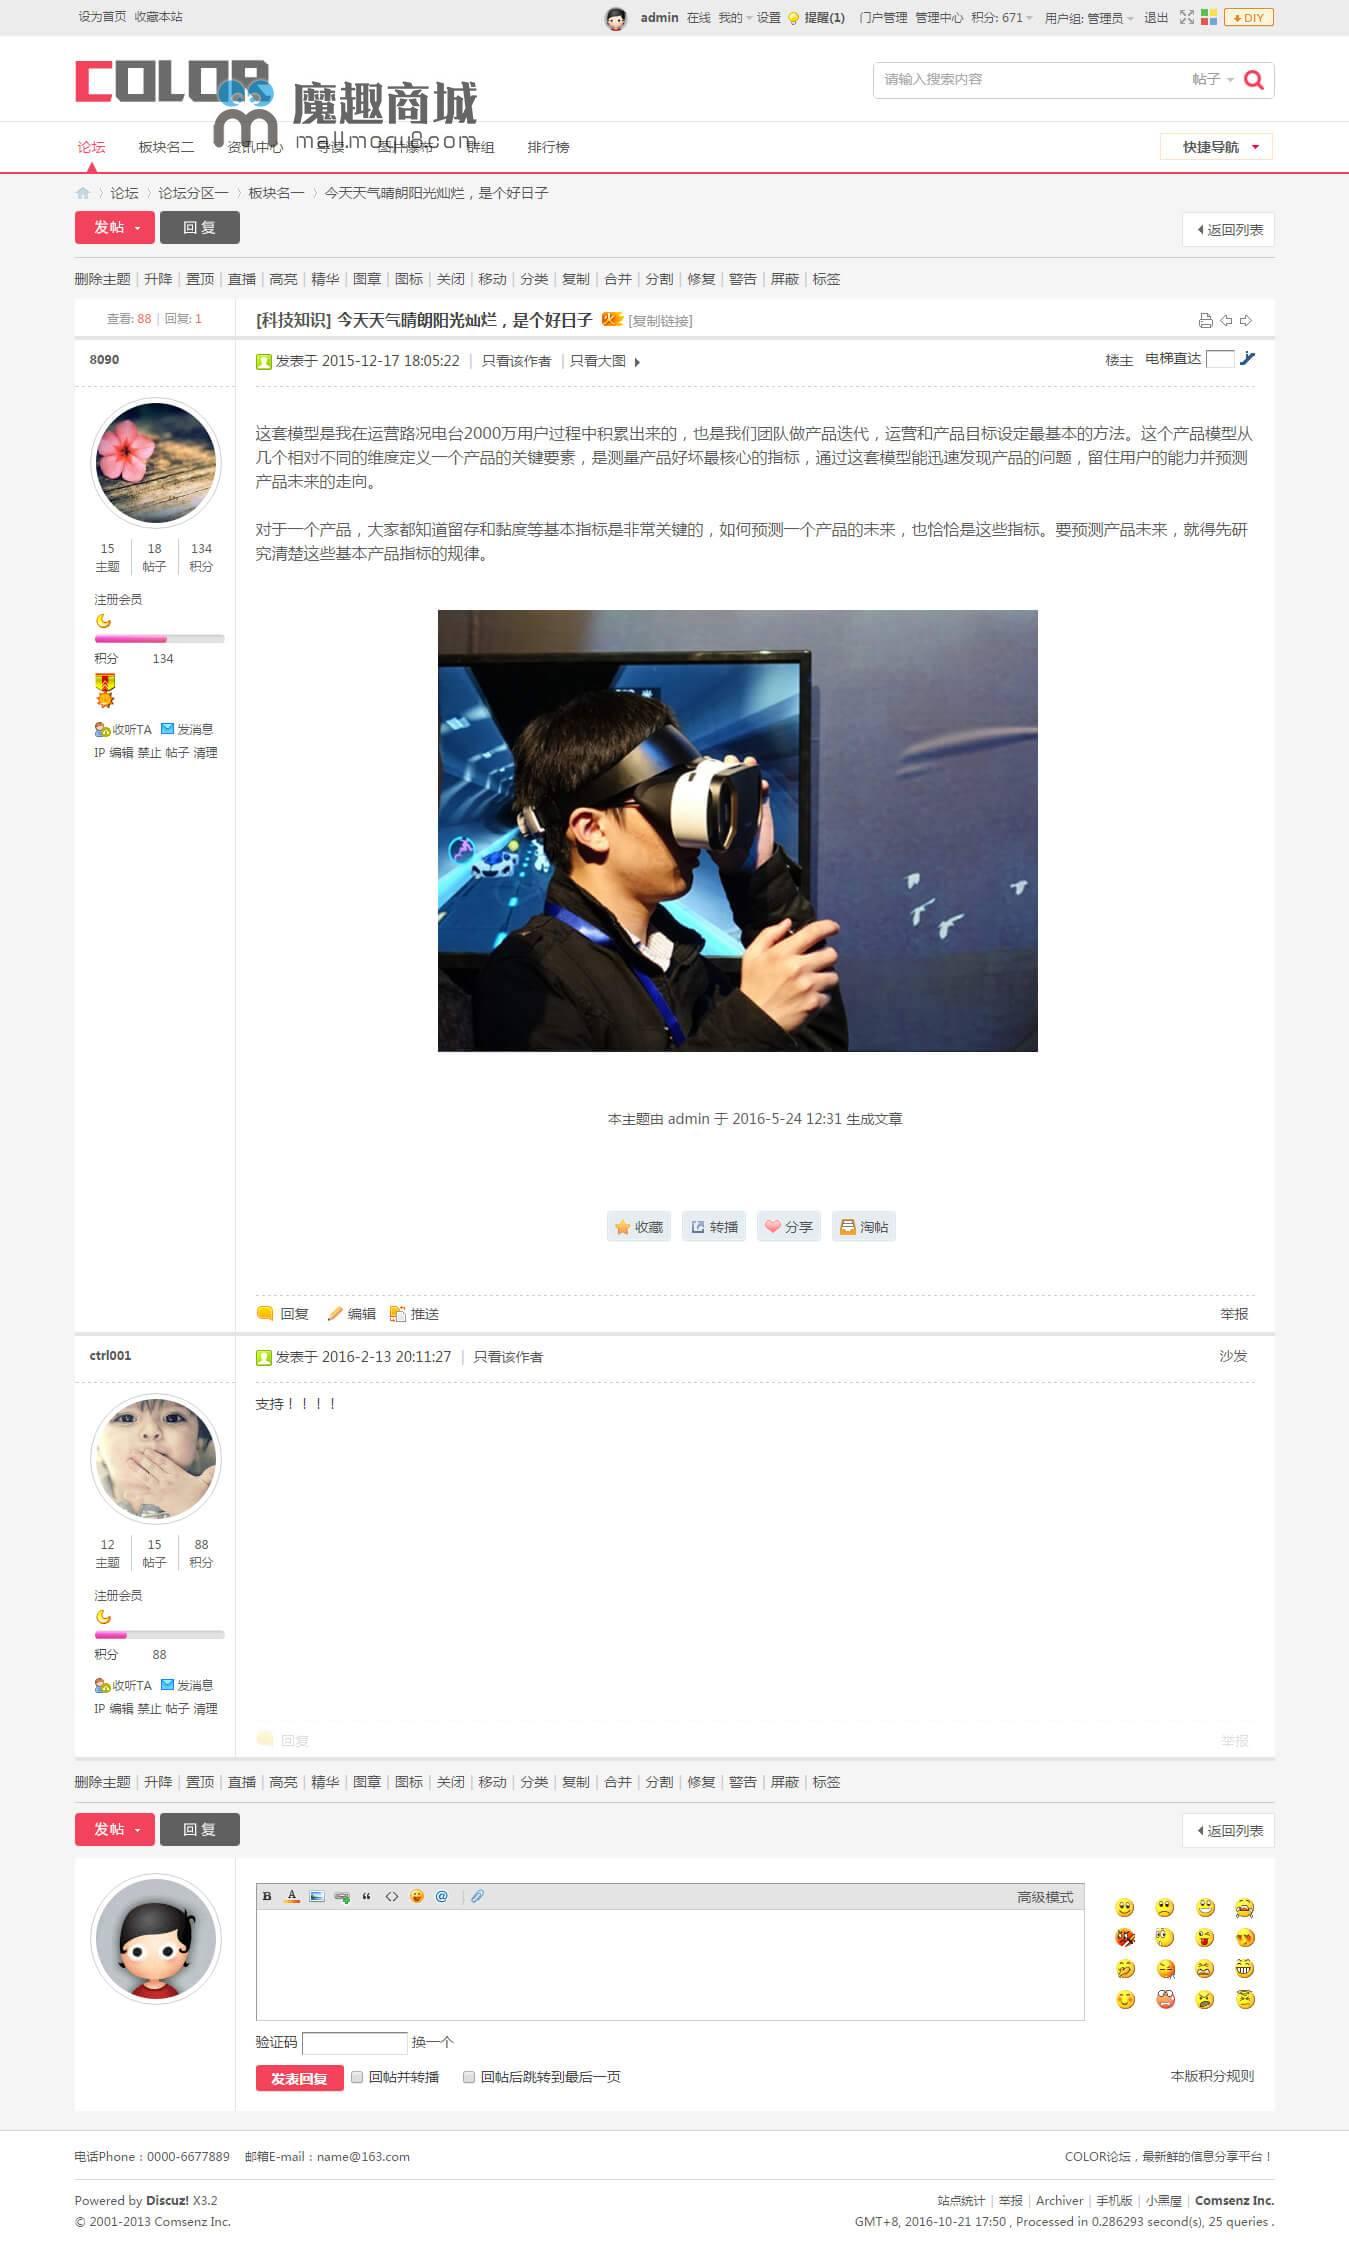 四色设计纯论坛资讯模板